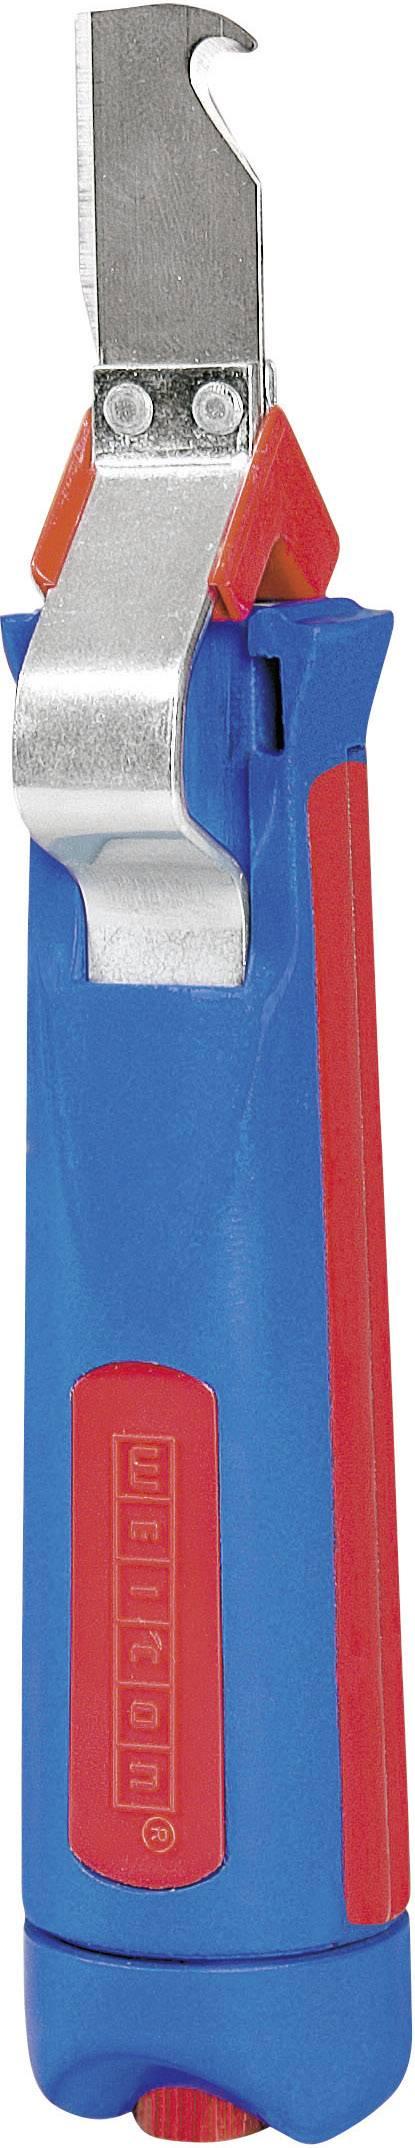 Odizolovací nůž WEICON TOOLS 4-28 H 50054328, 4 až 28 mm